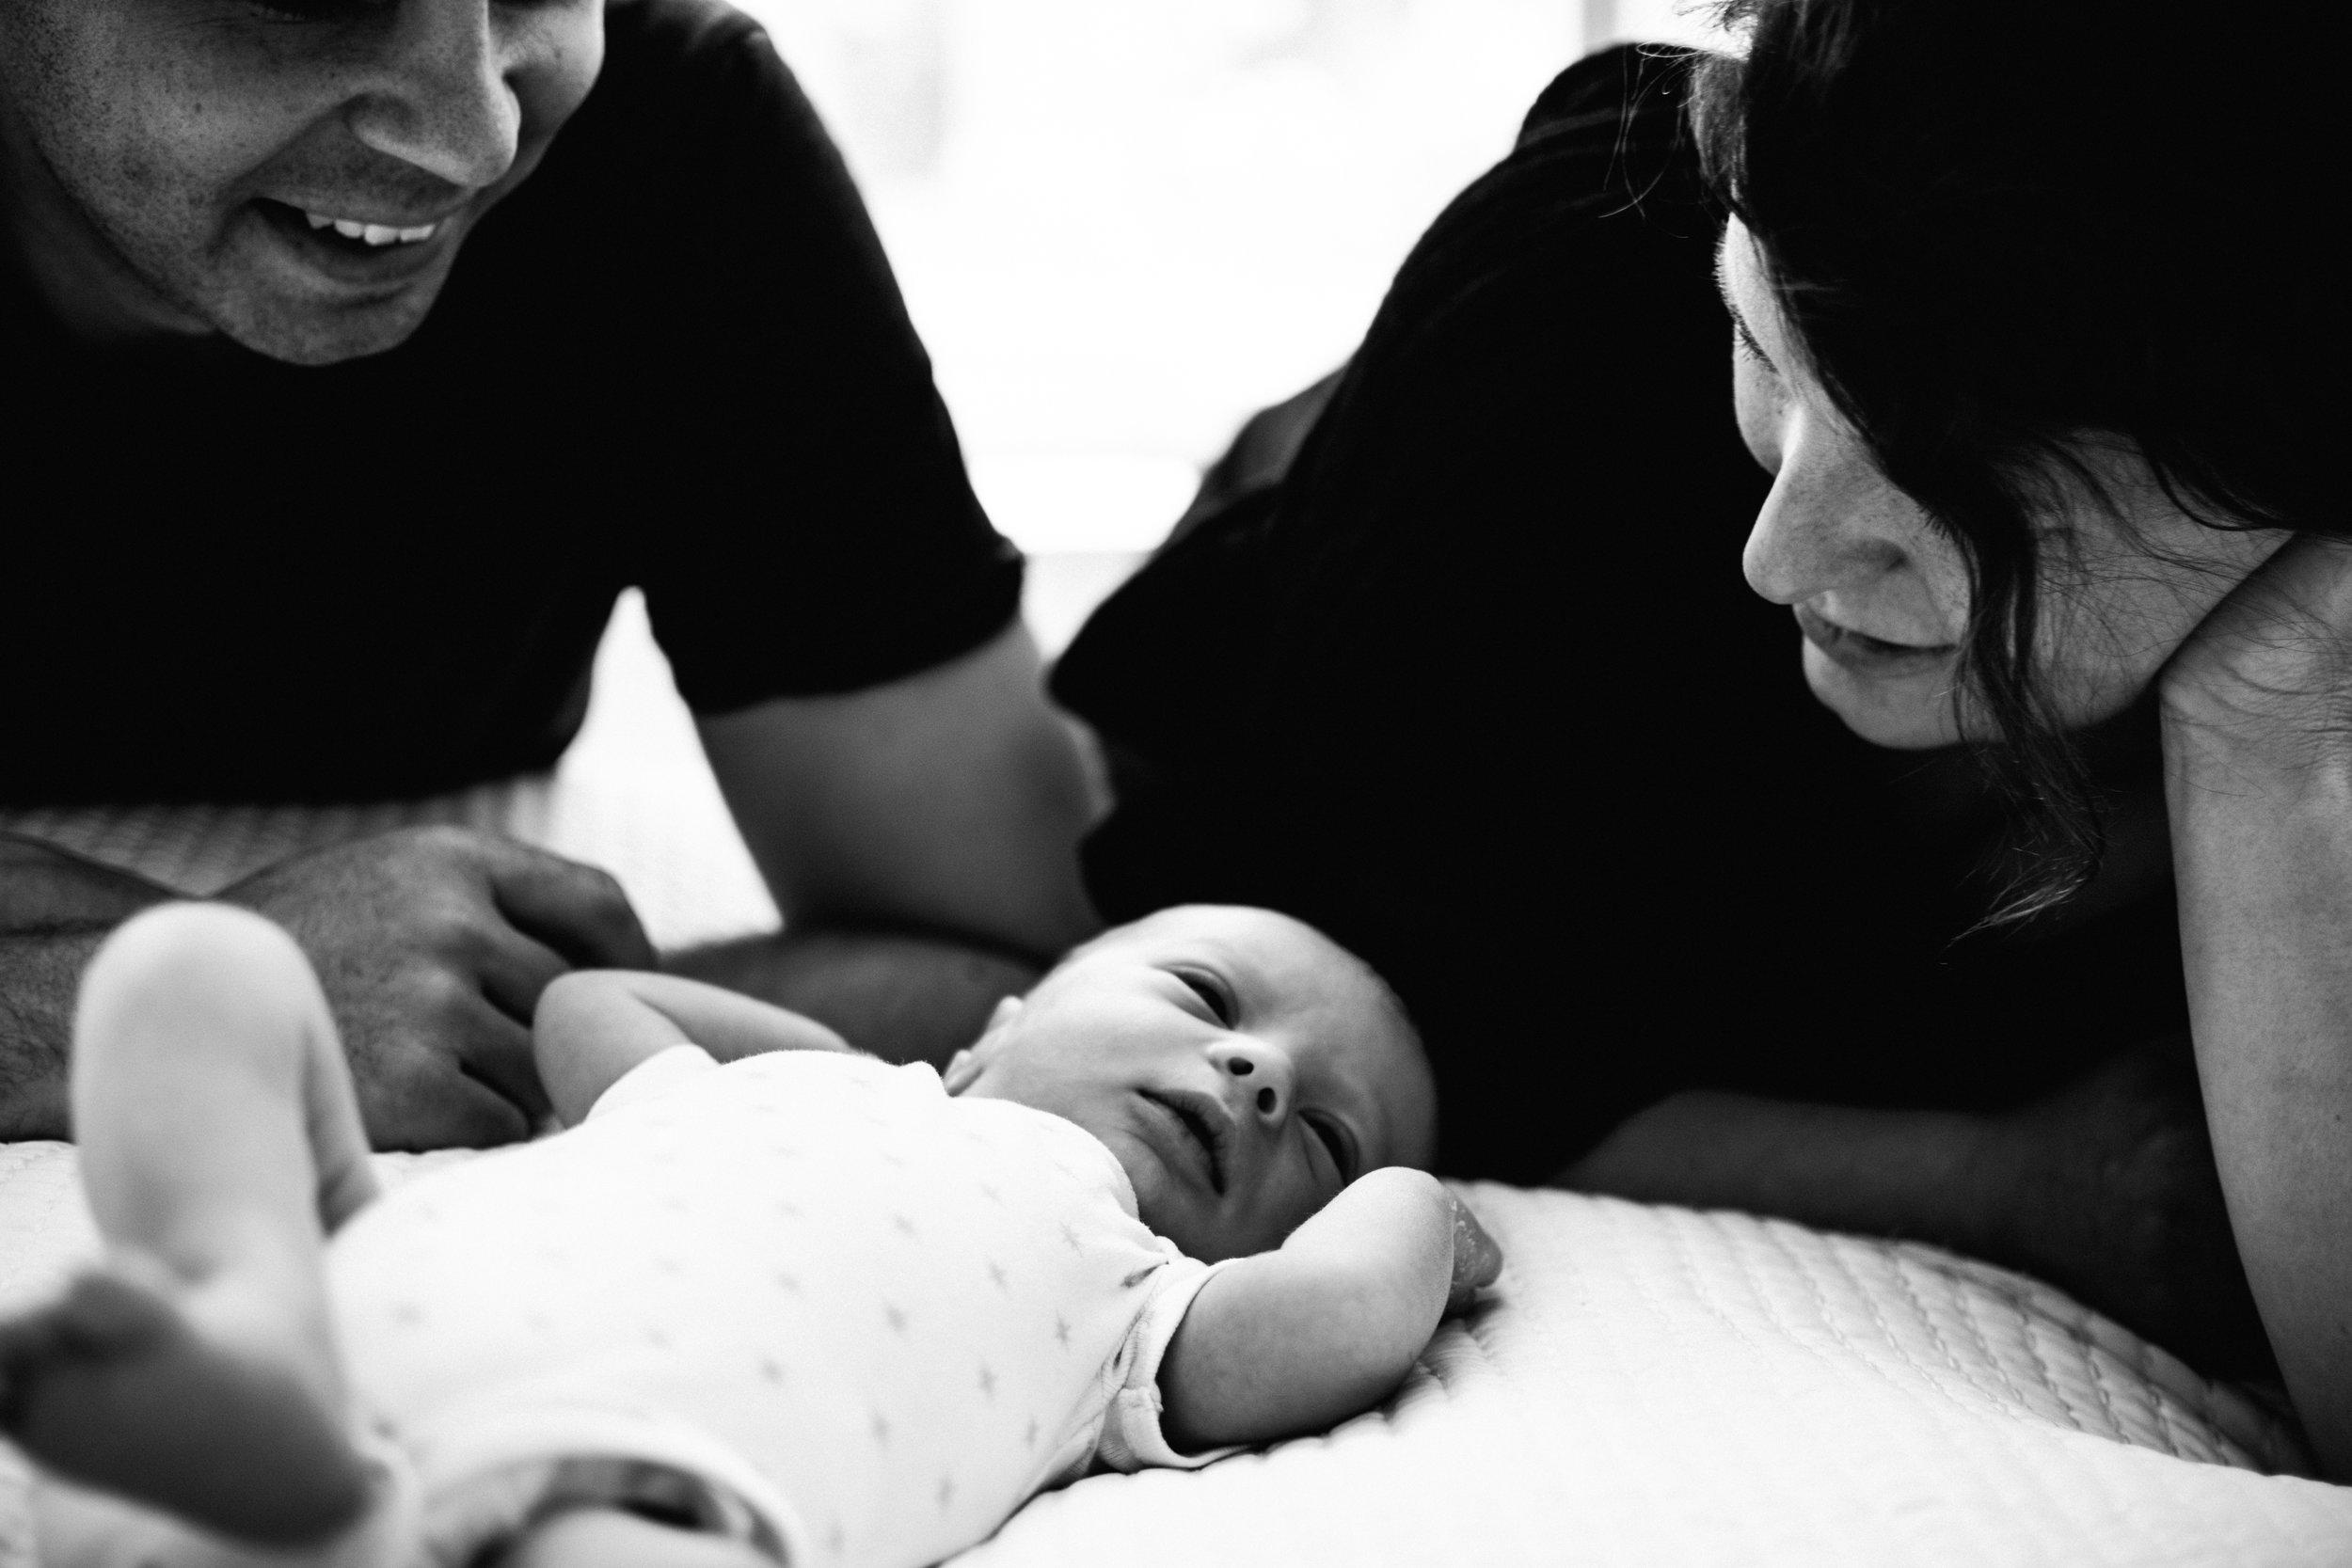 photo-noir-et-blanc-dun-nouveau-ne-et-ses-parents-sur-un-lit_photographe-lifestyle-famille-montreal-4.jpg